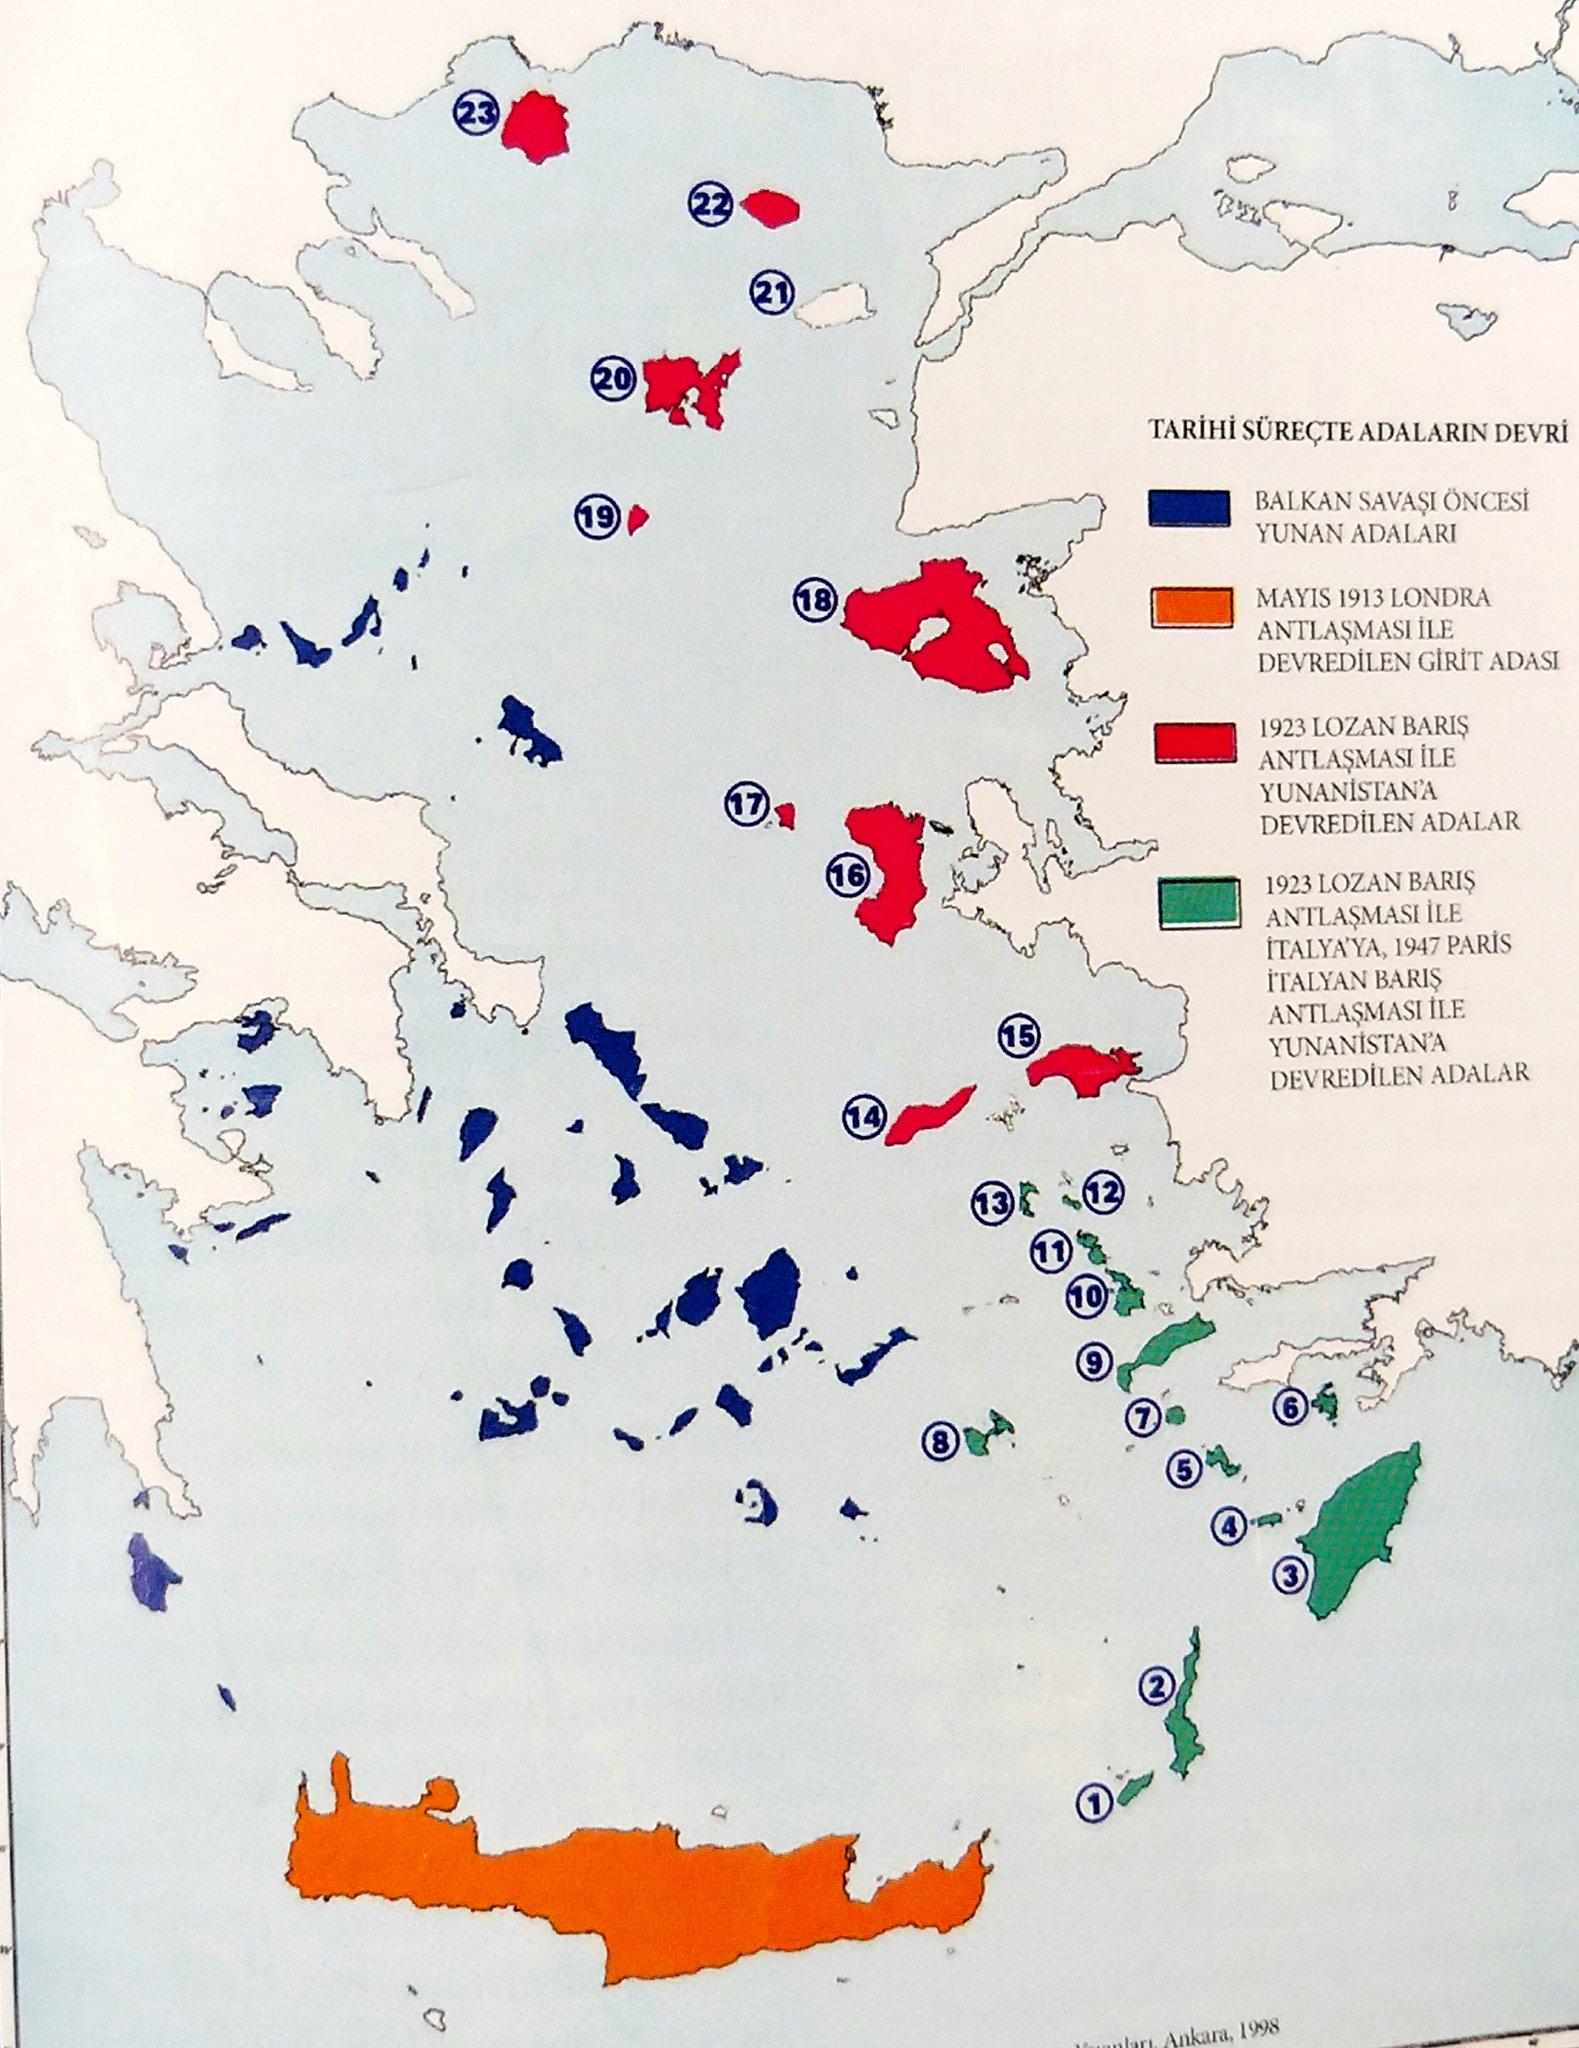 ege adaları meselesinin tarihi